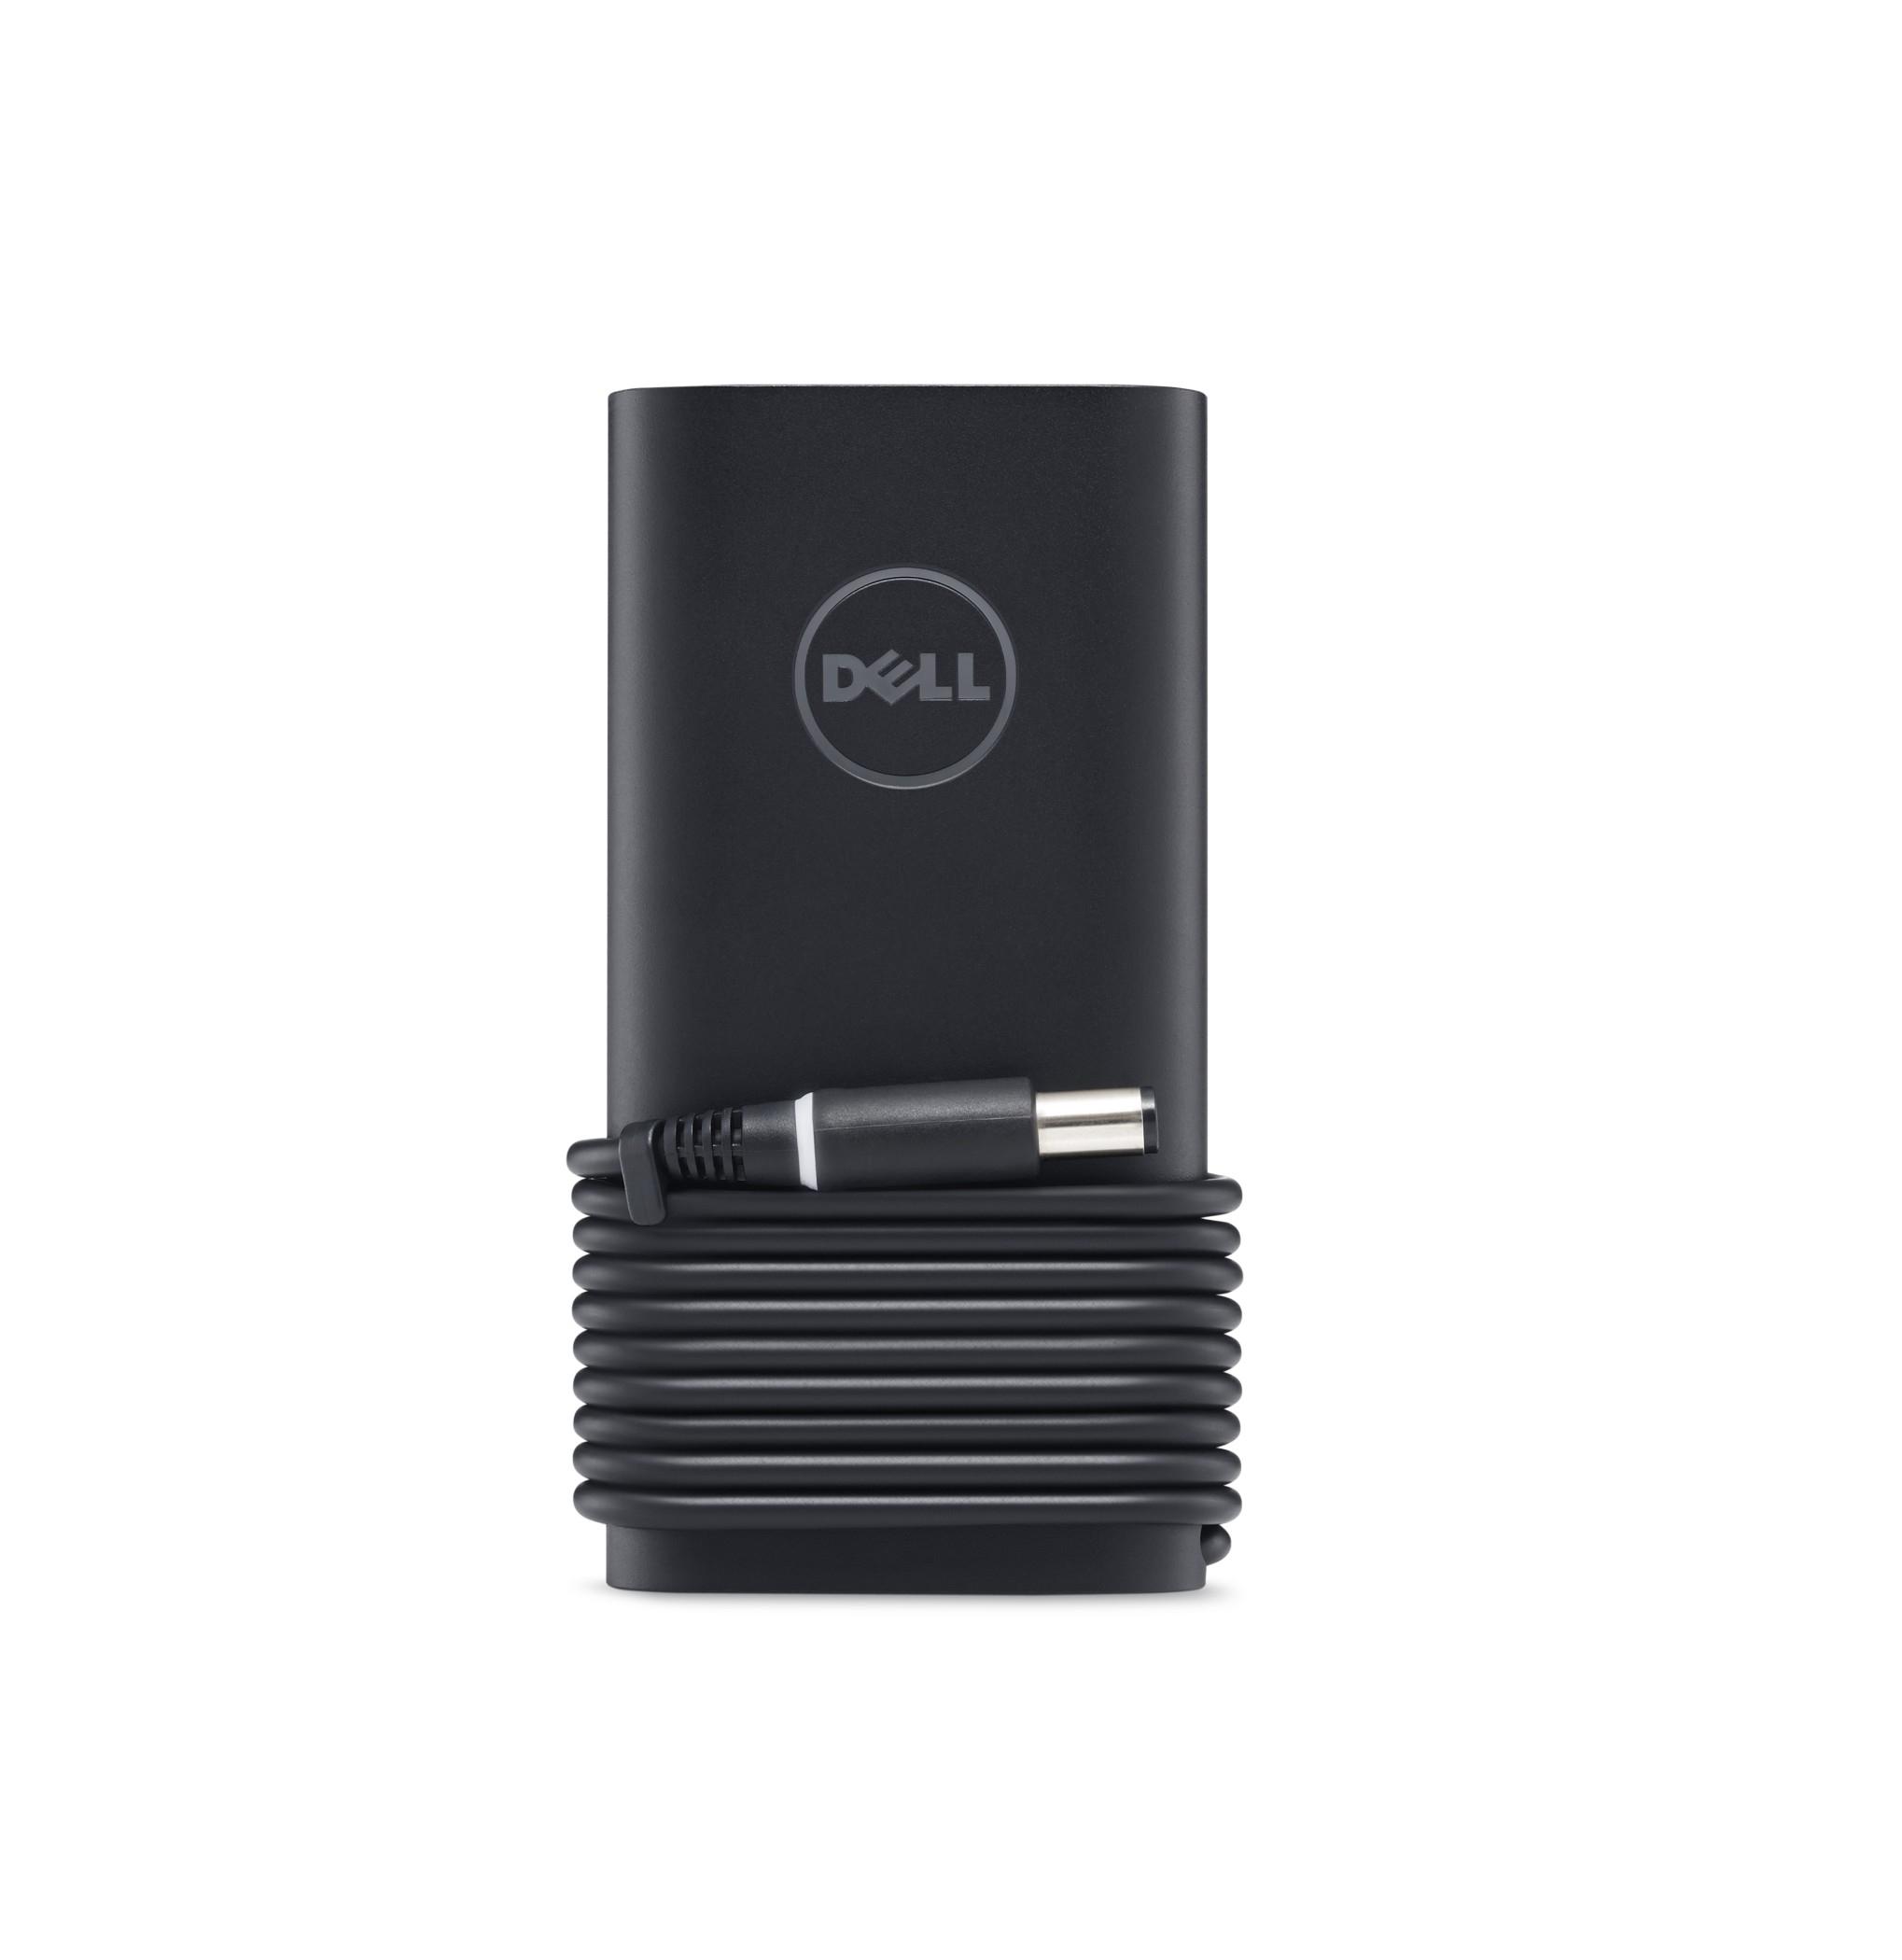 Dell 450-19036 Outdoor 90W Schwarz Netzteil & Spannungsumwandler